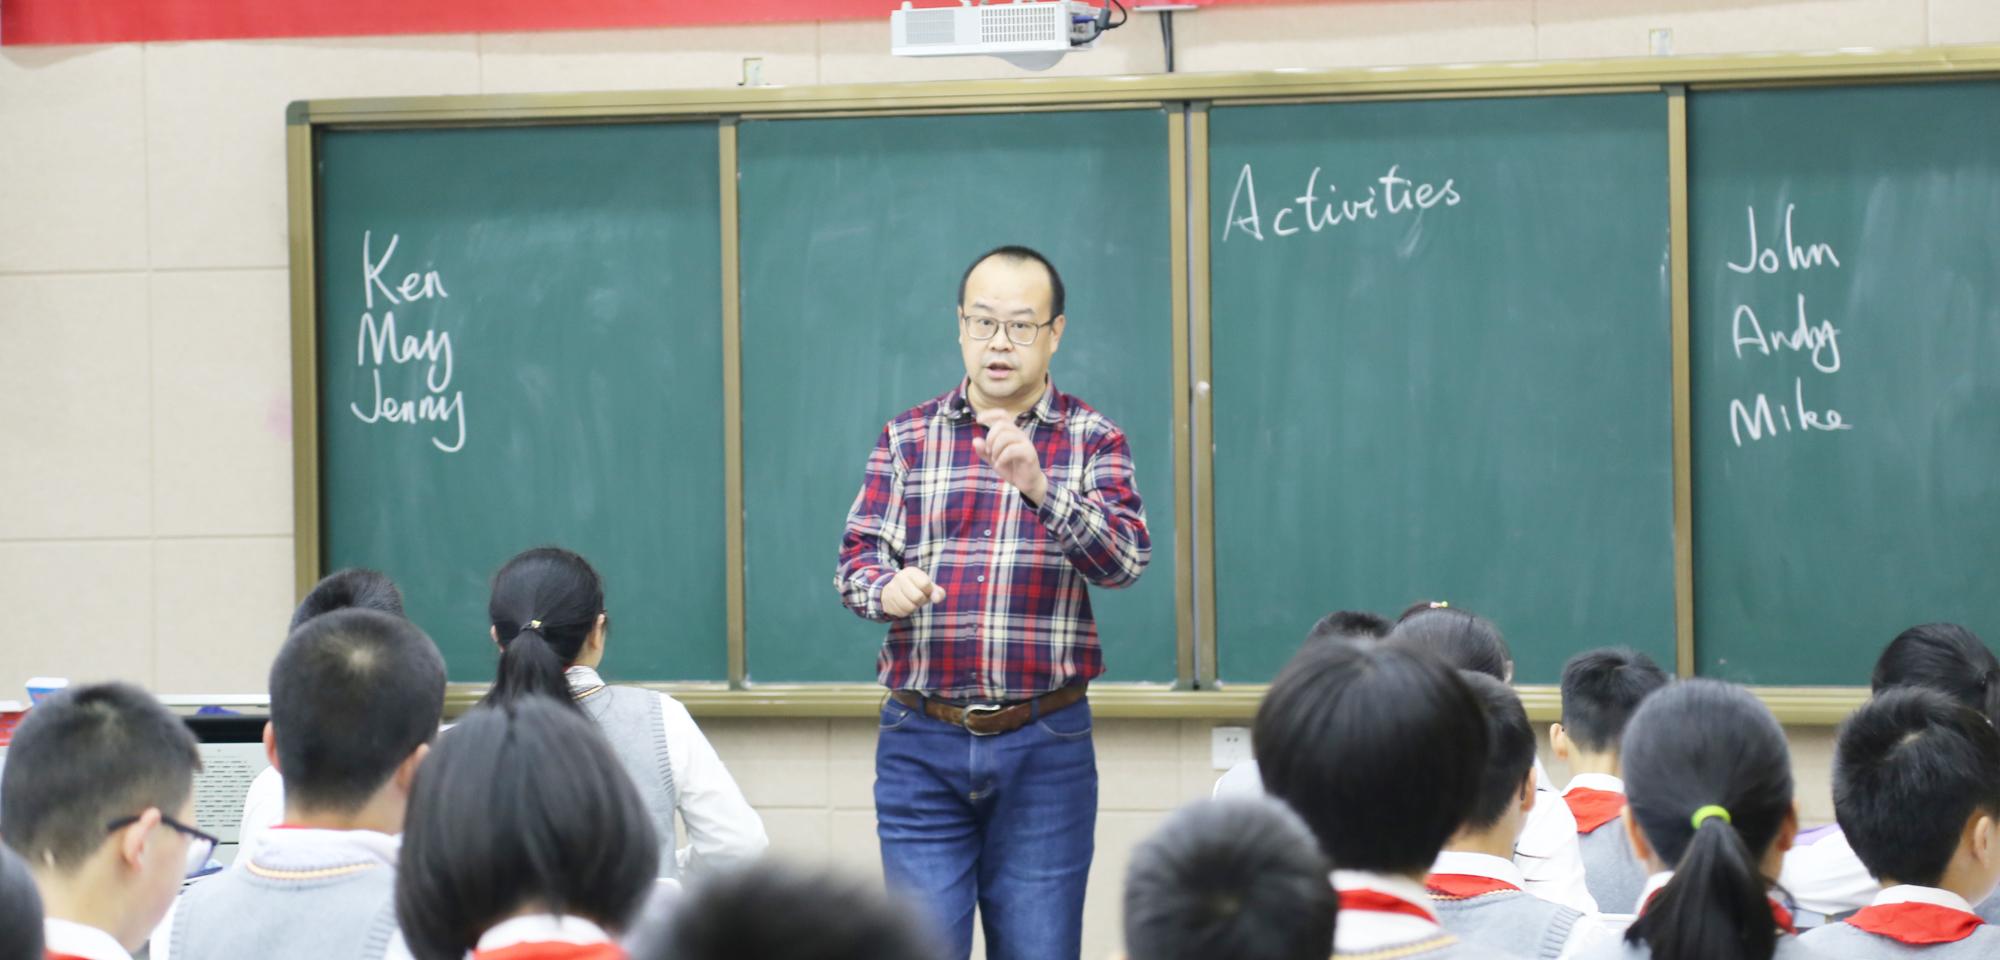 联盟副理事长著名英语教学专家田湘军的精彩课堂受到一致欢迎